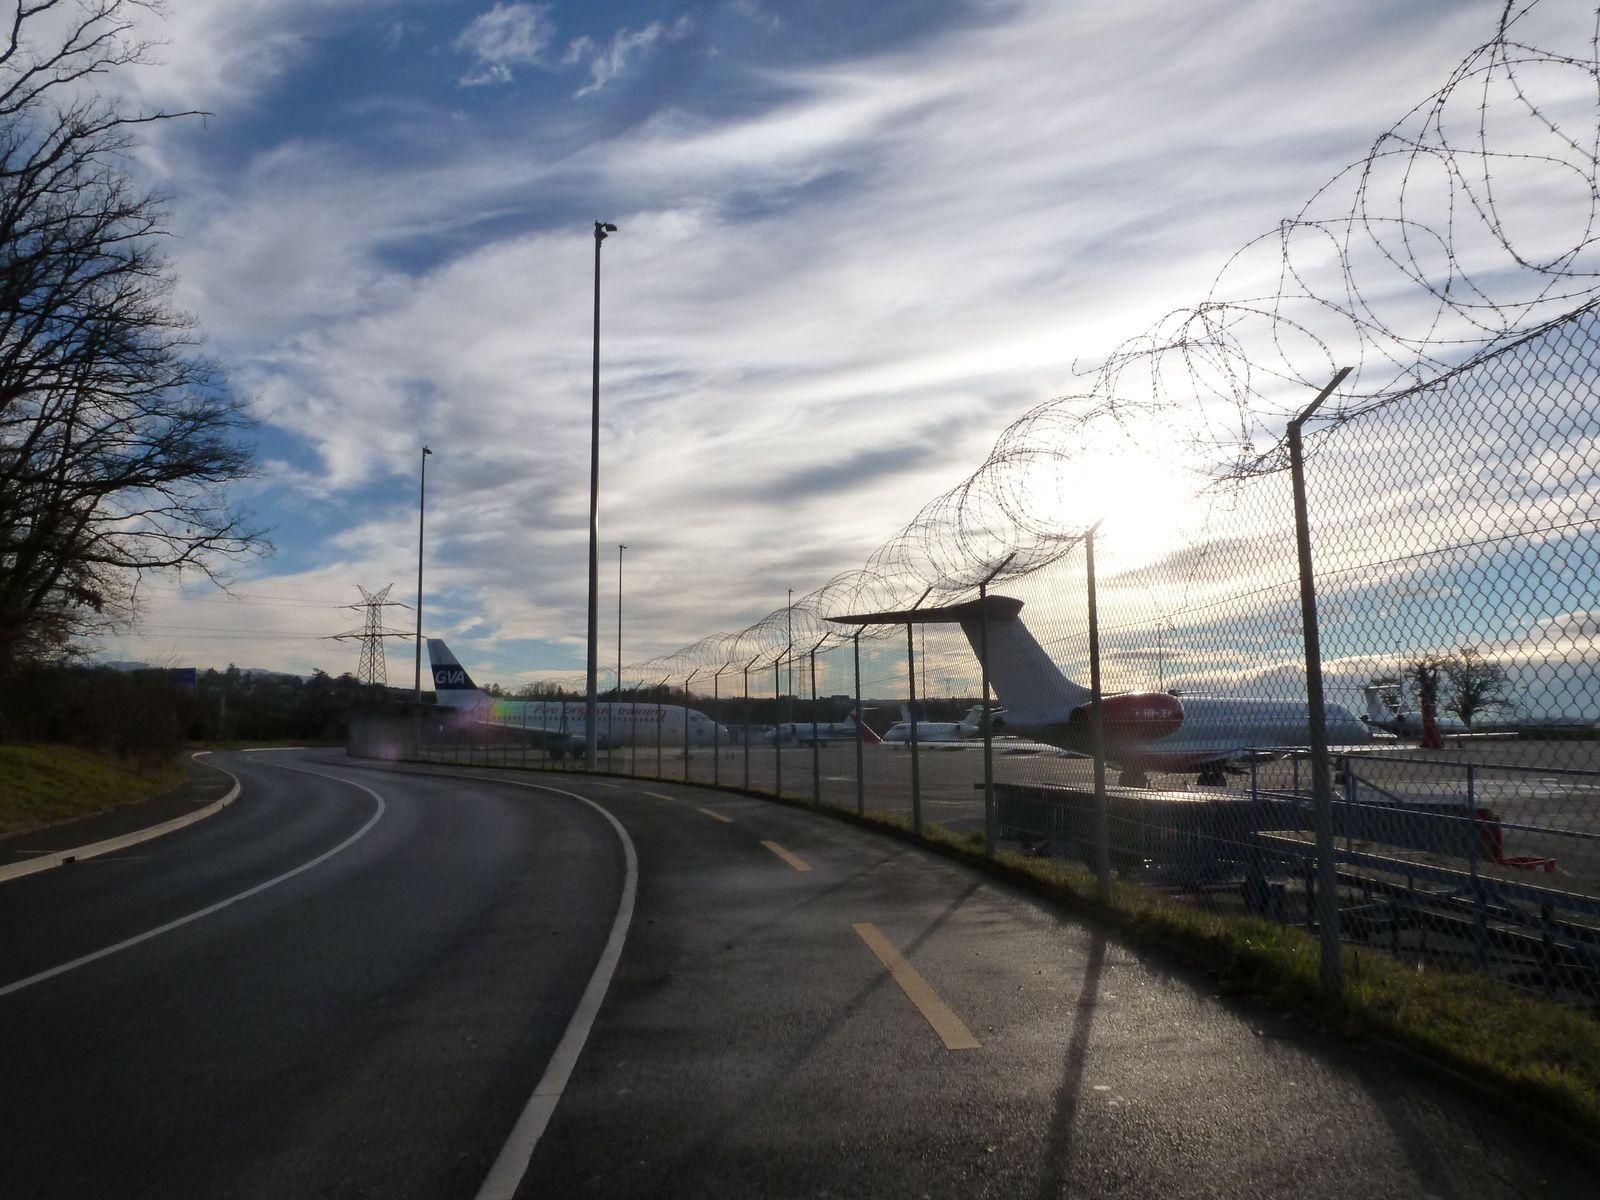 Passage devant l'aéroport...